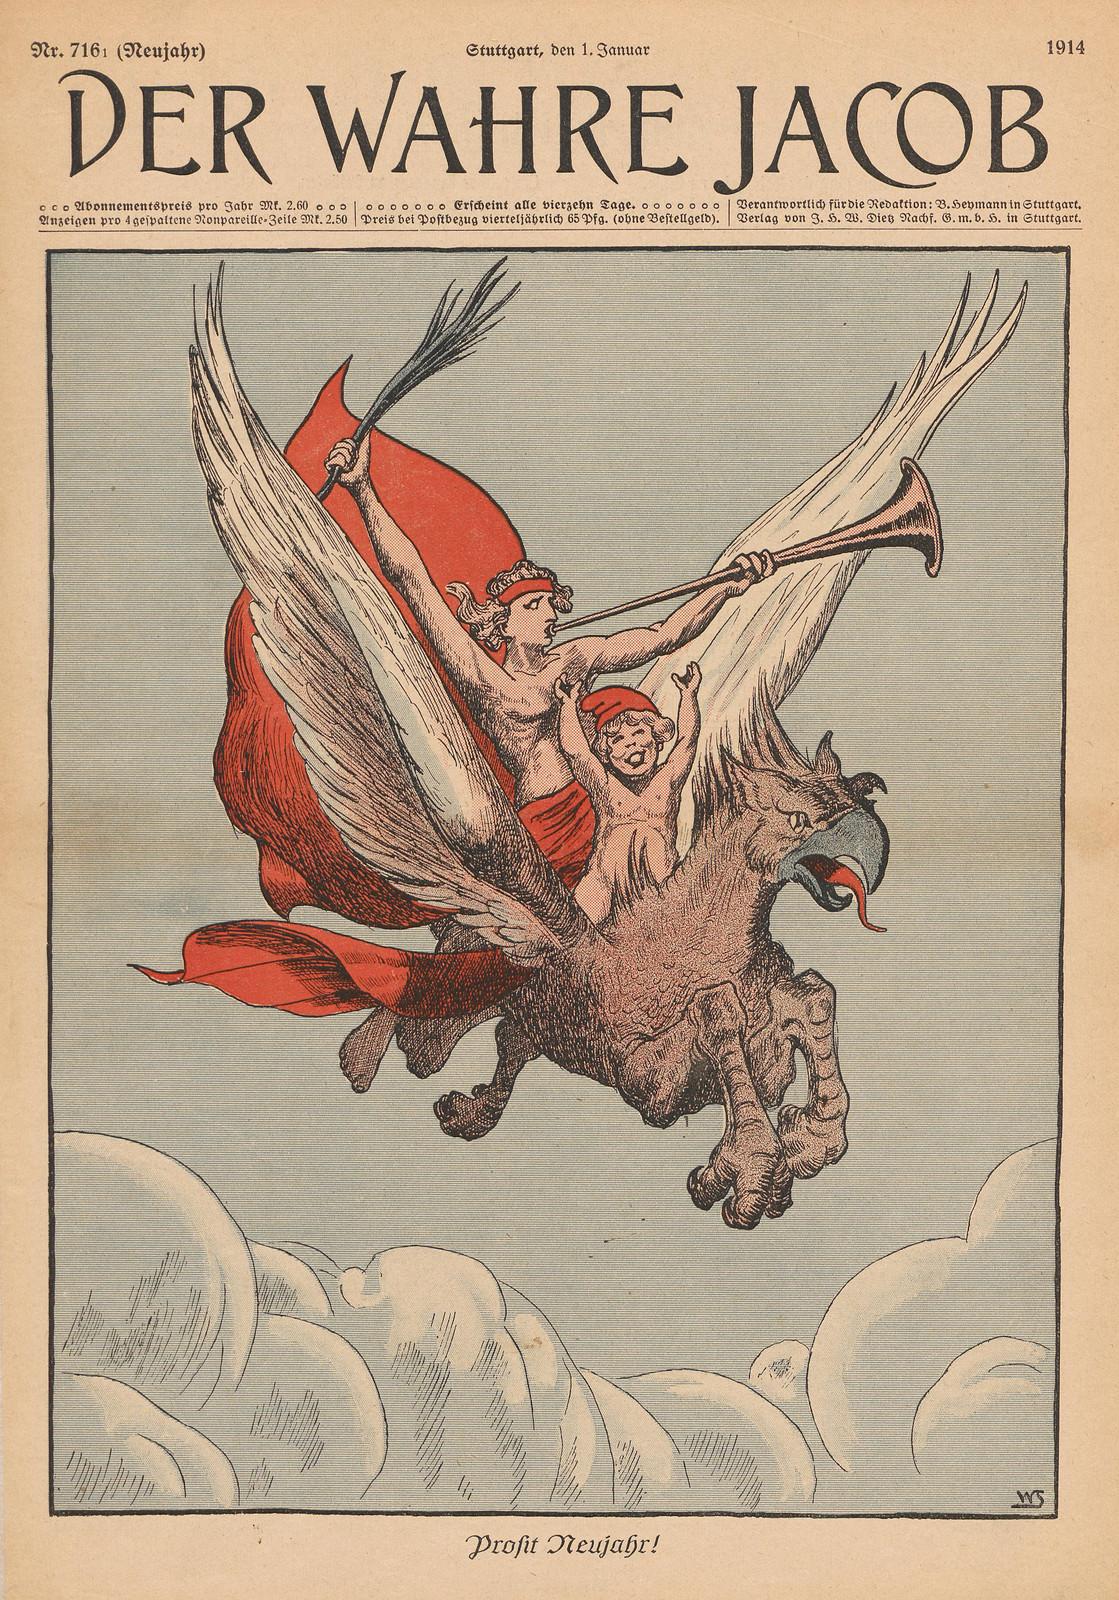 Willi Steinert  - Happy New Year!, 1914